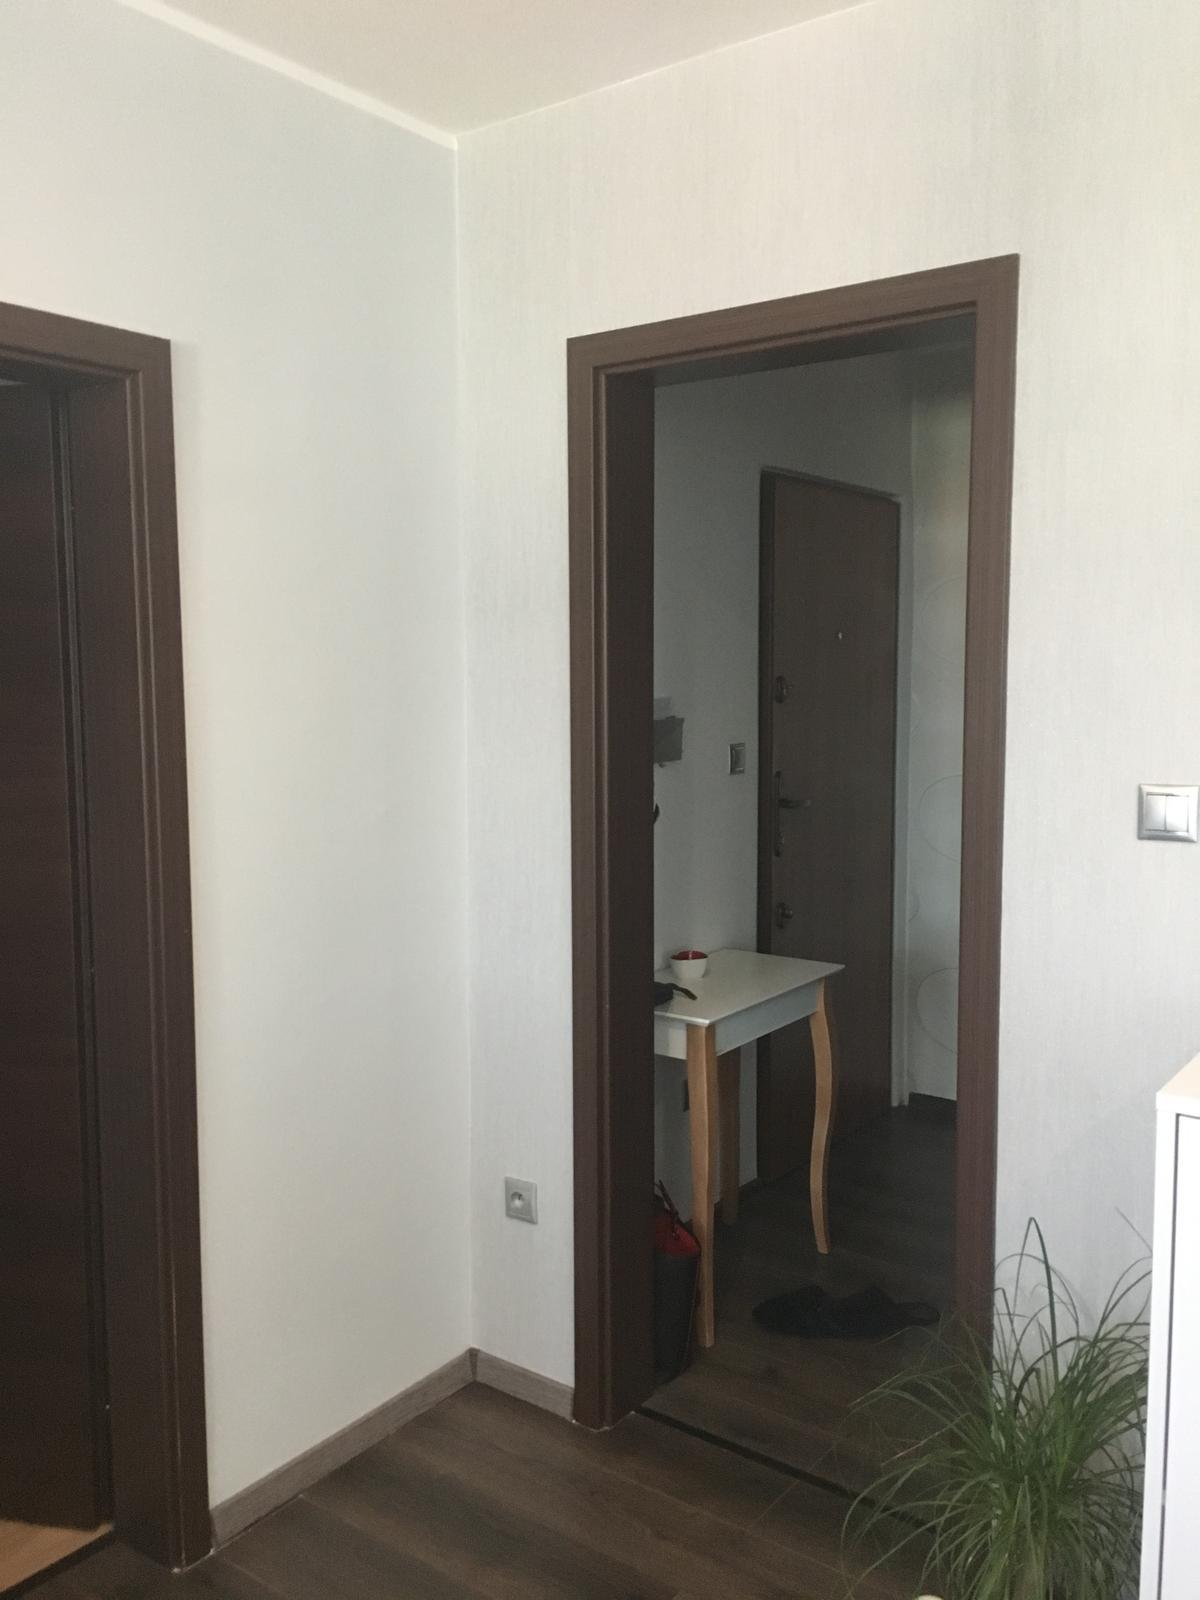 Náš domov :-) - Nie je to dobre vidiet ale tapeta je velmi podobny odtien sivej ako stena nalavo